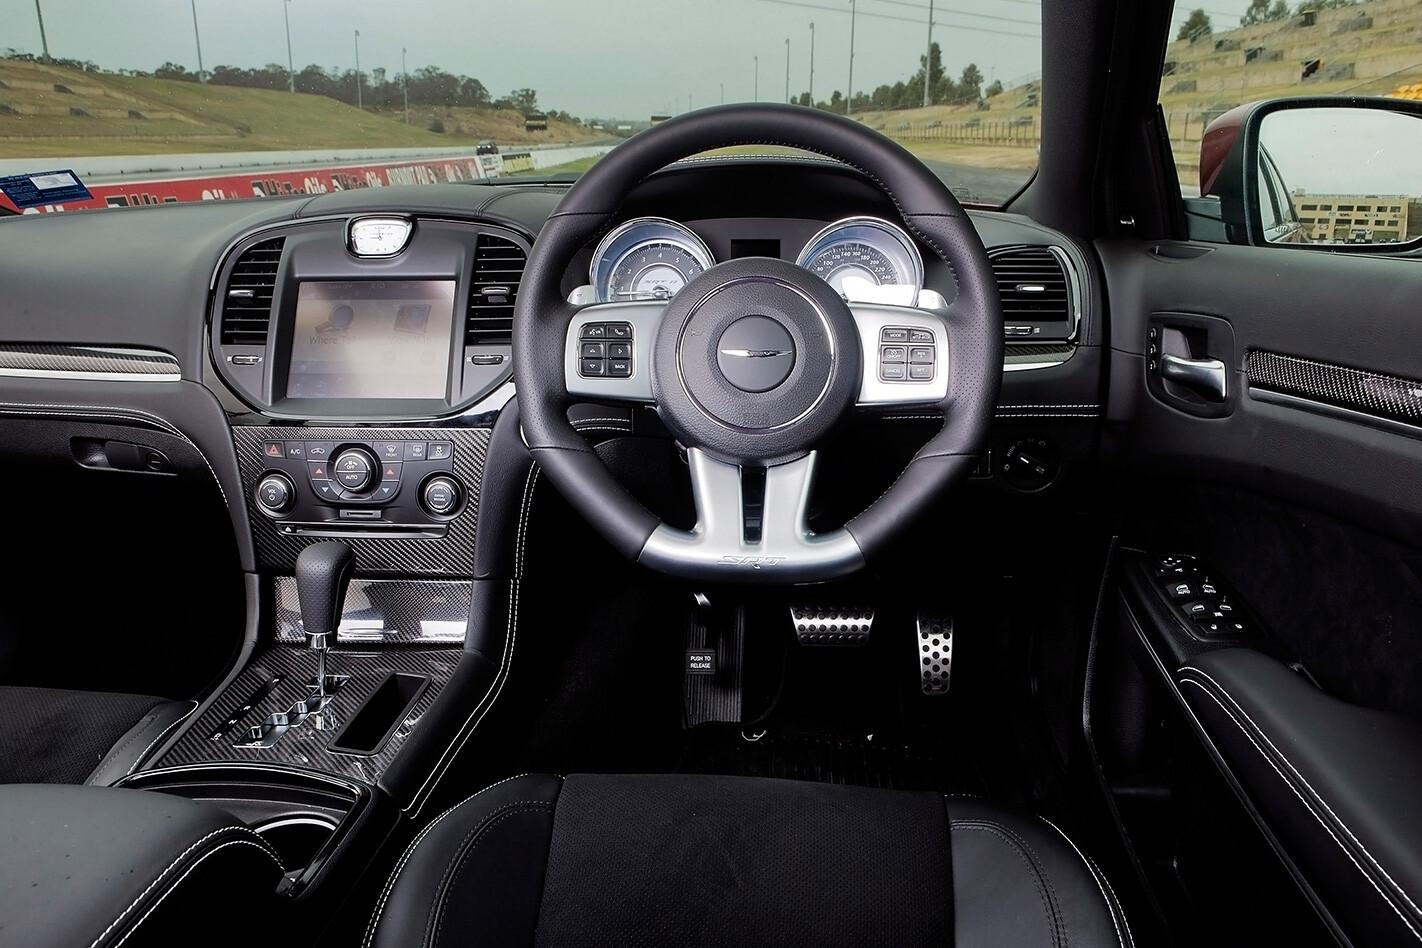 2012-Chrysler-300-SRT8-interior.jpg